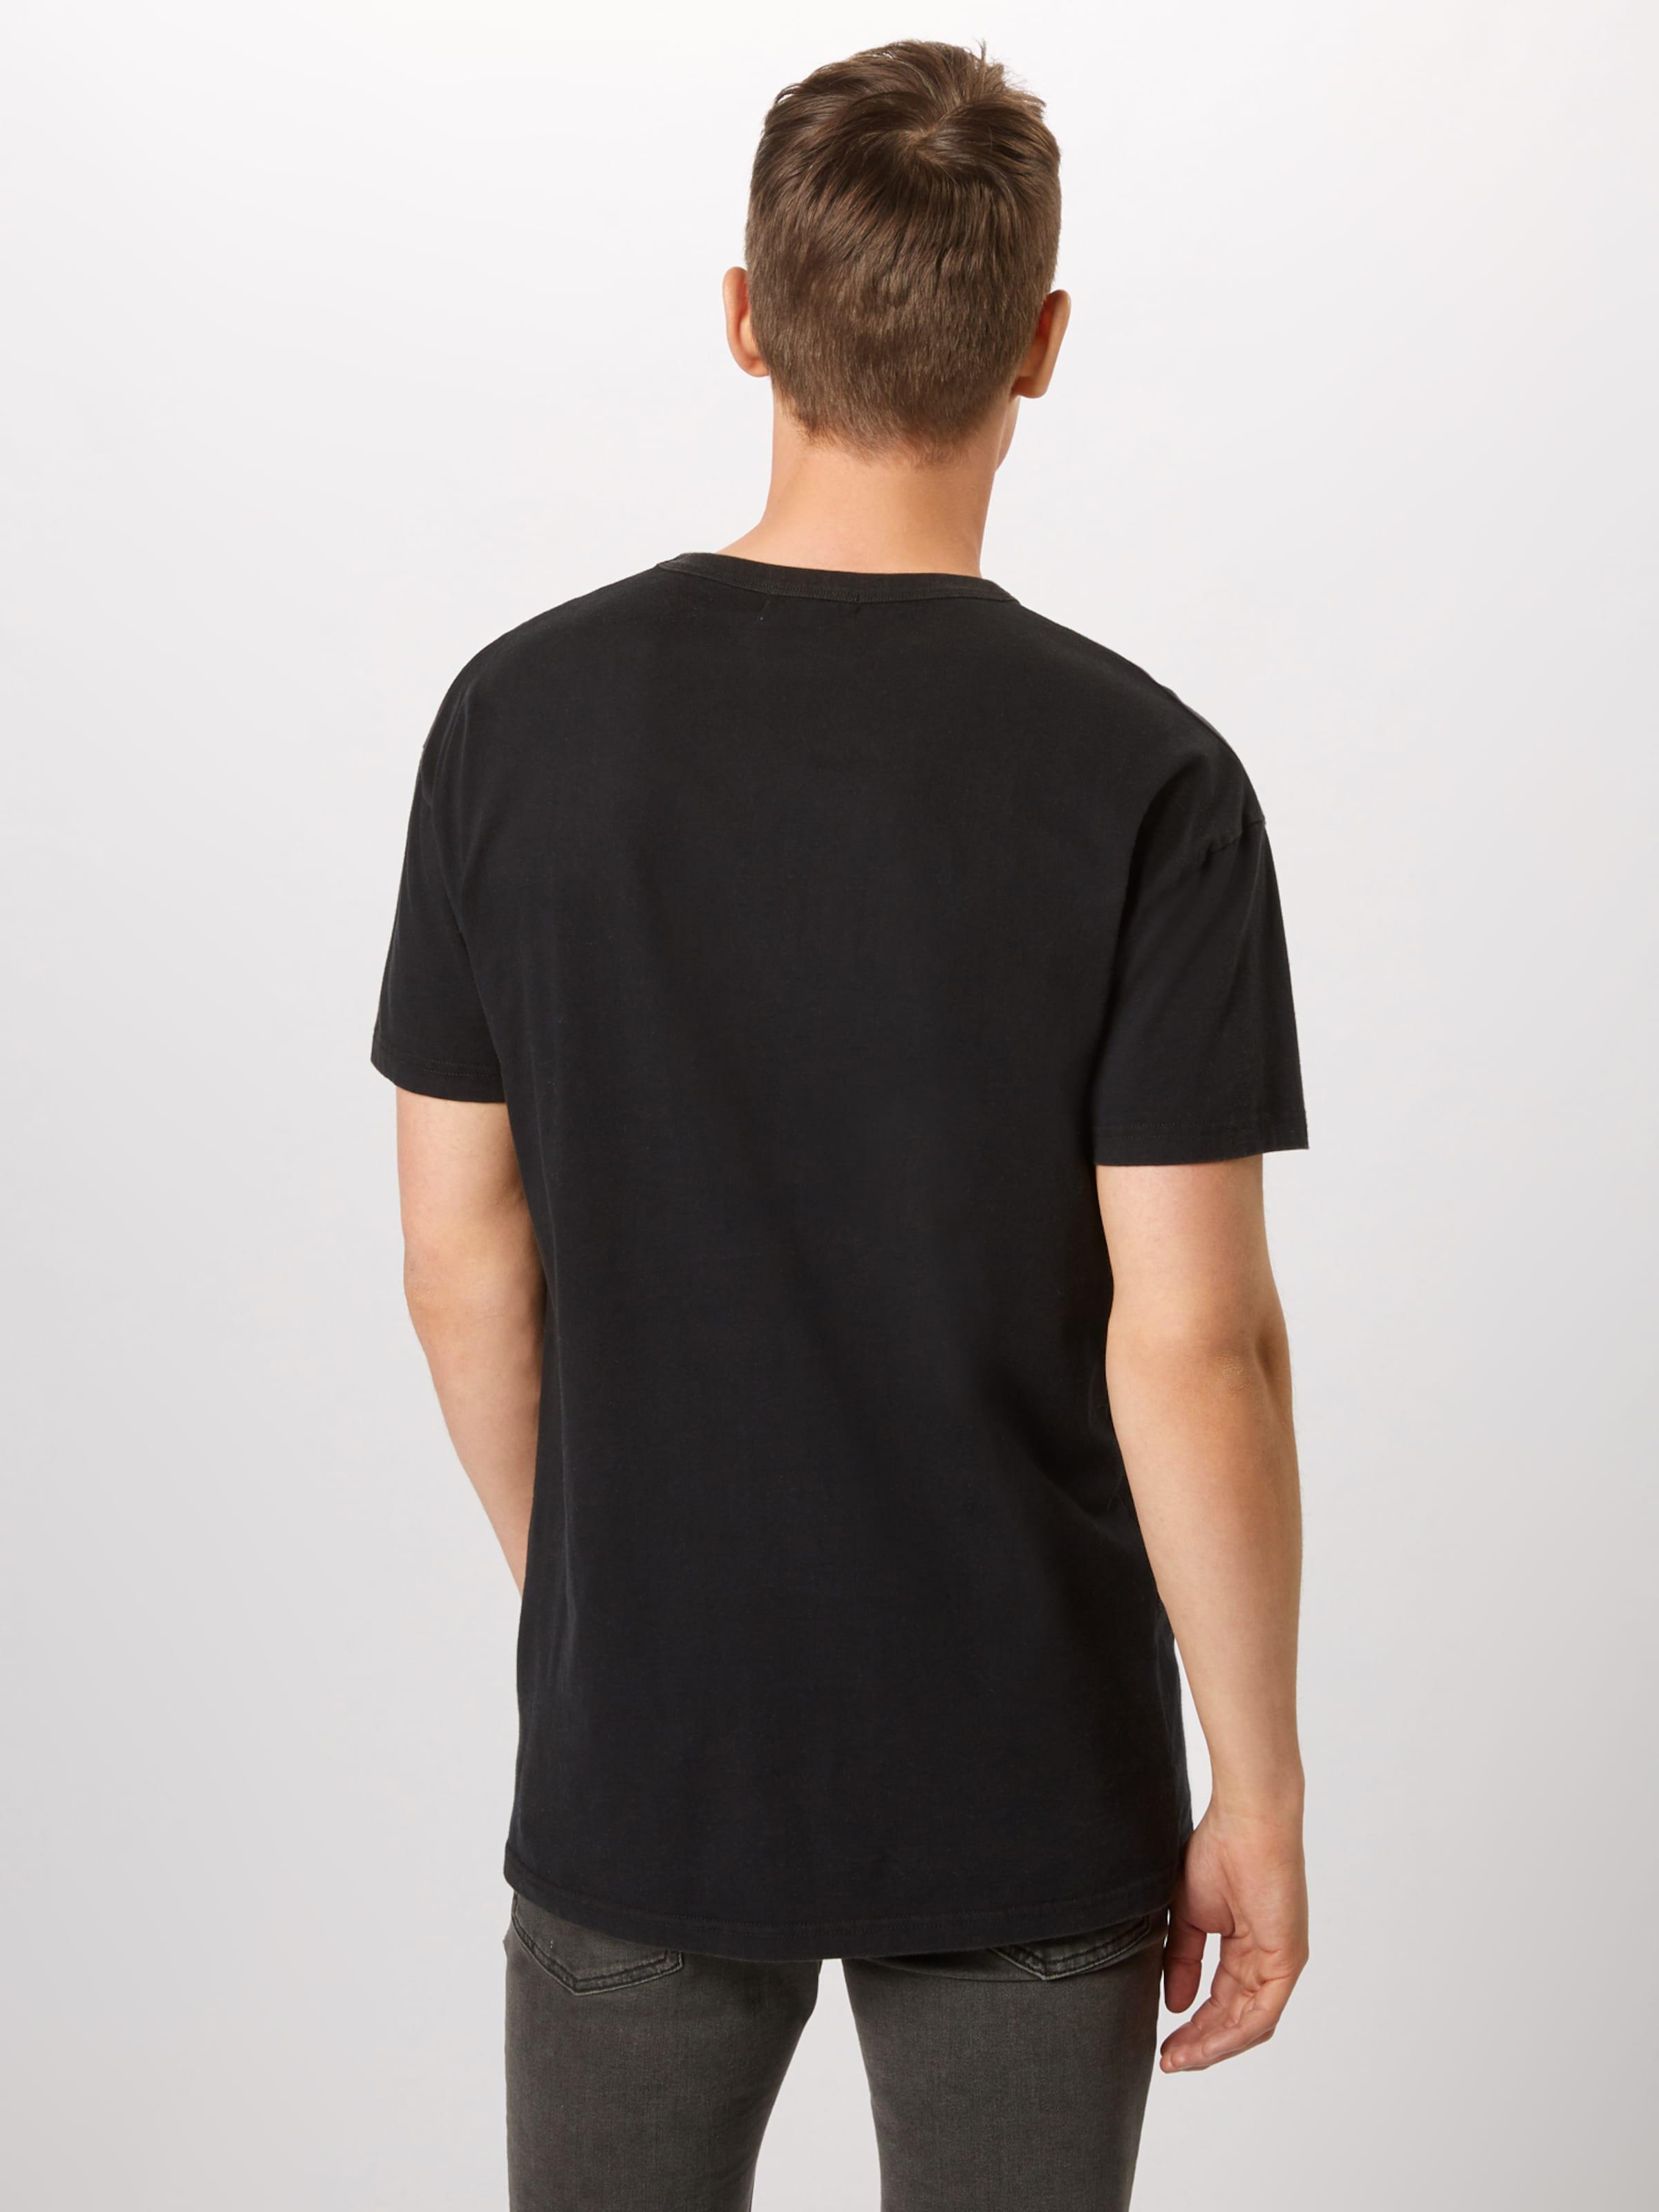 En T 'street' NoirBlanc Derbe shirt y6b7gf